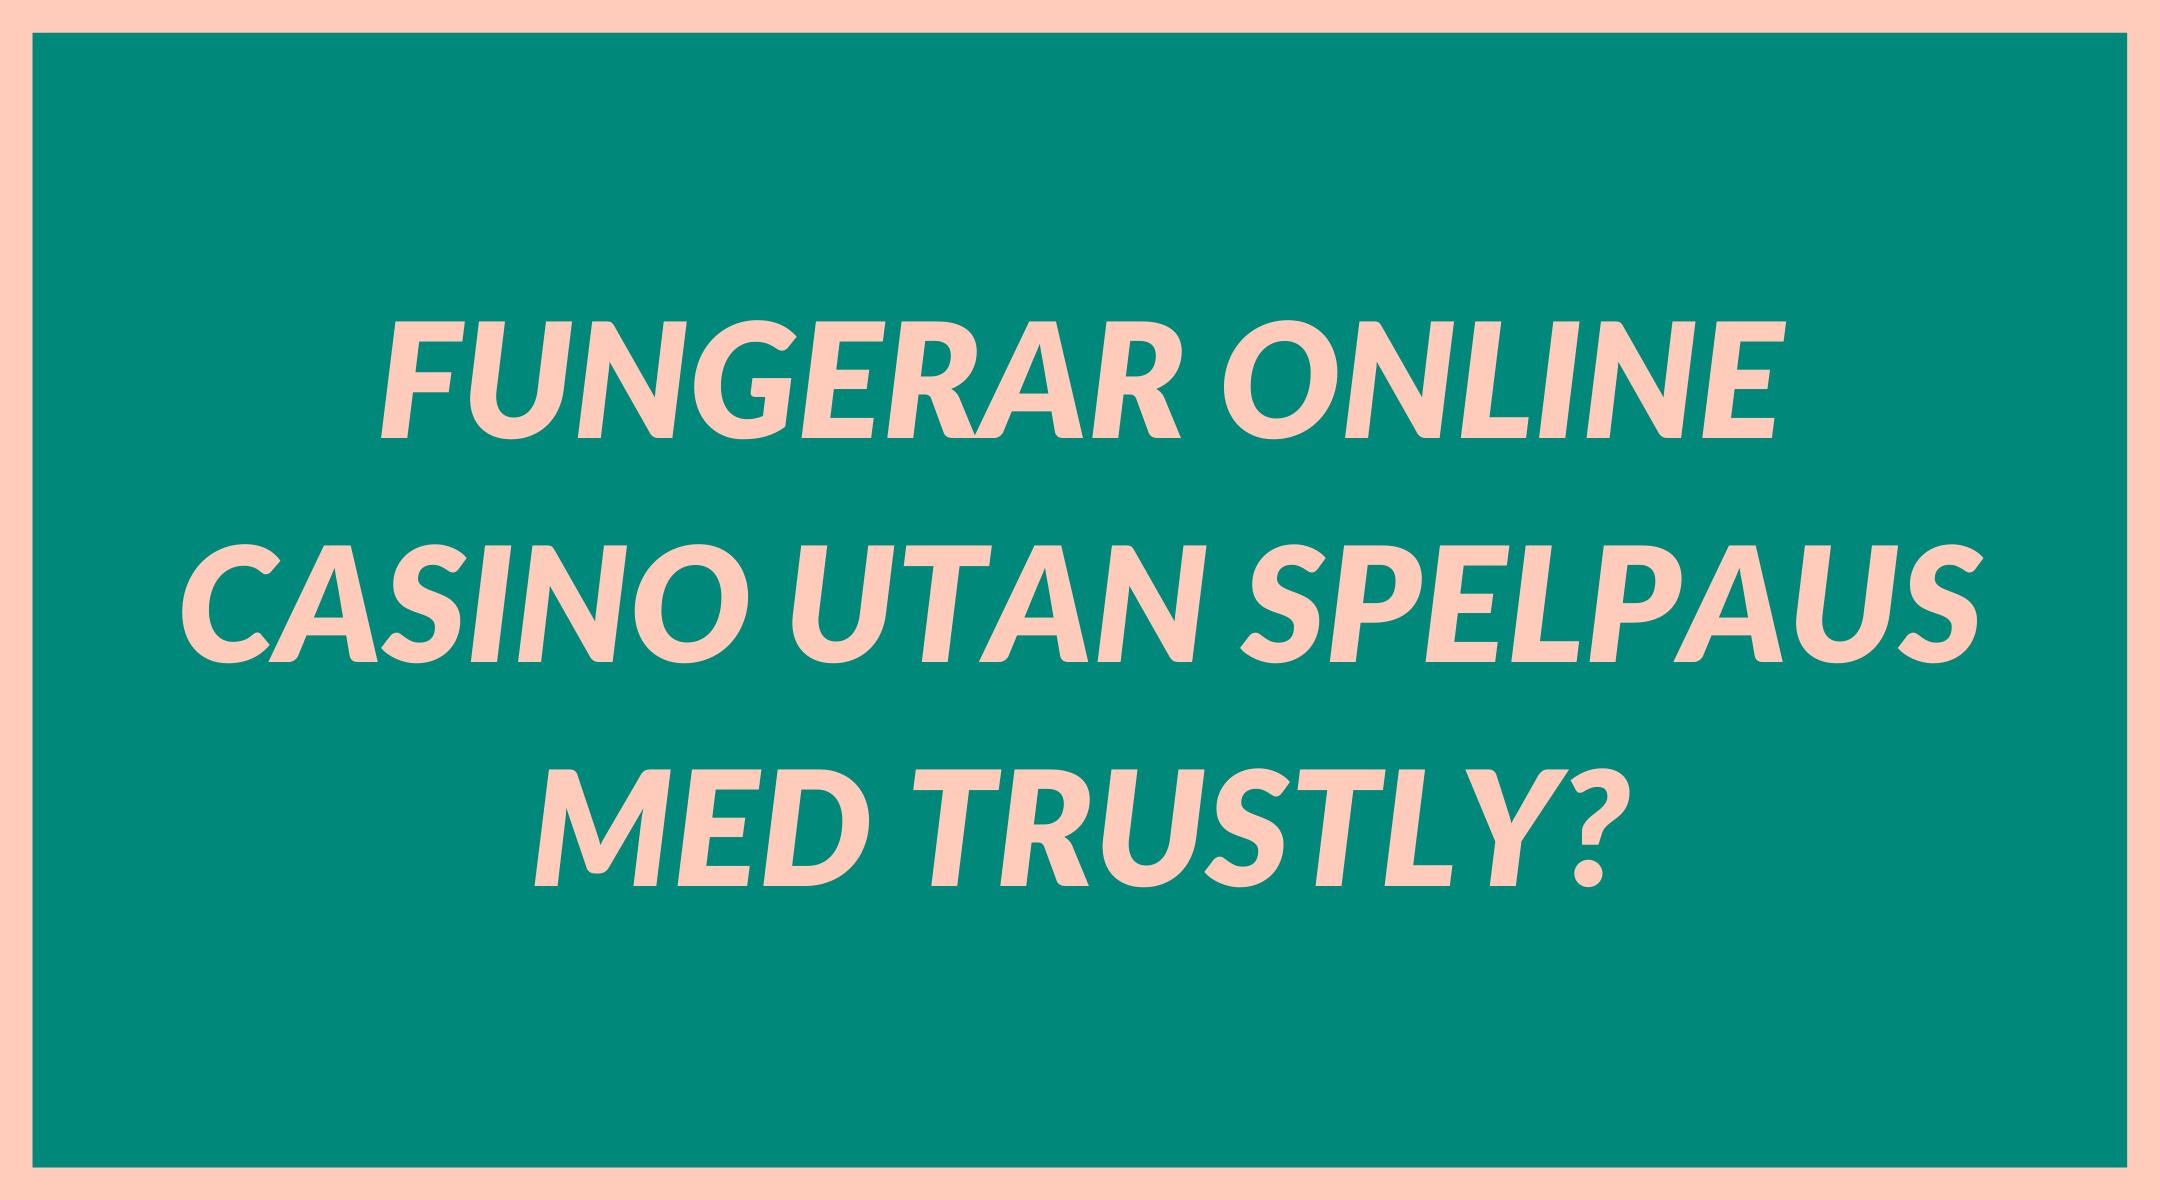 Fungerar online casino utan spelpaus med Trustly?